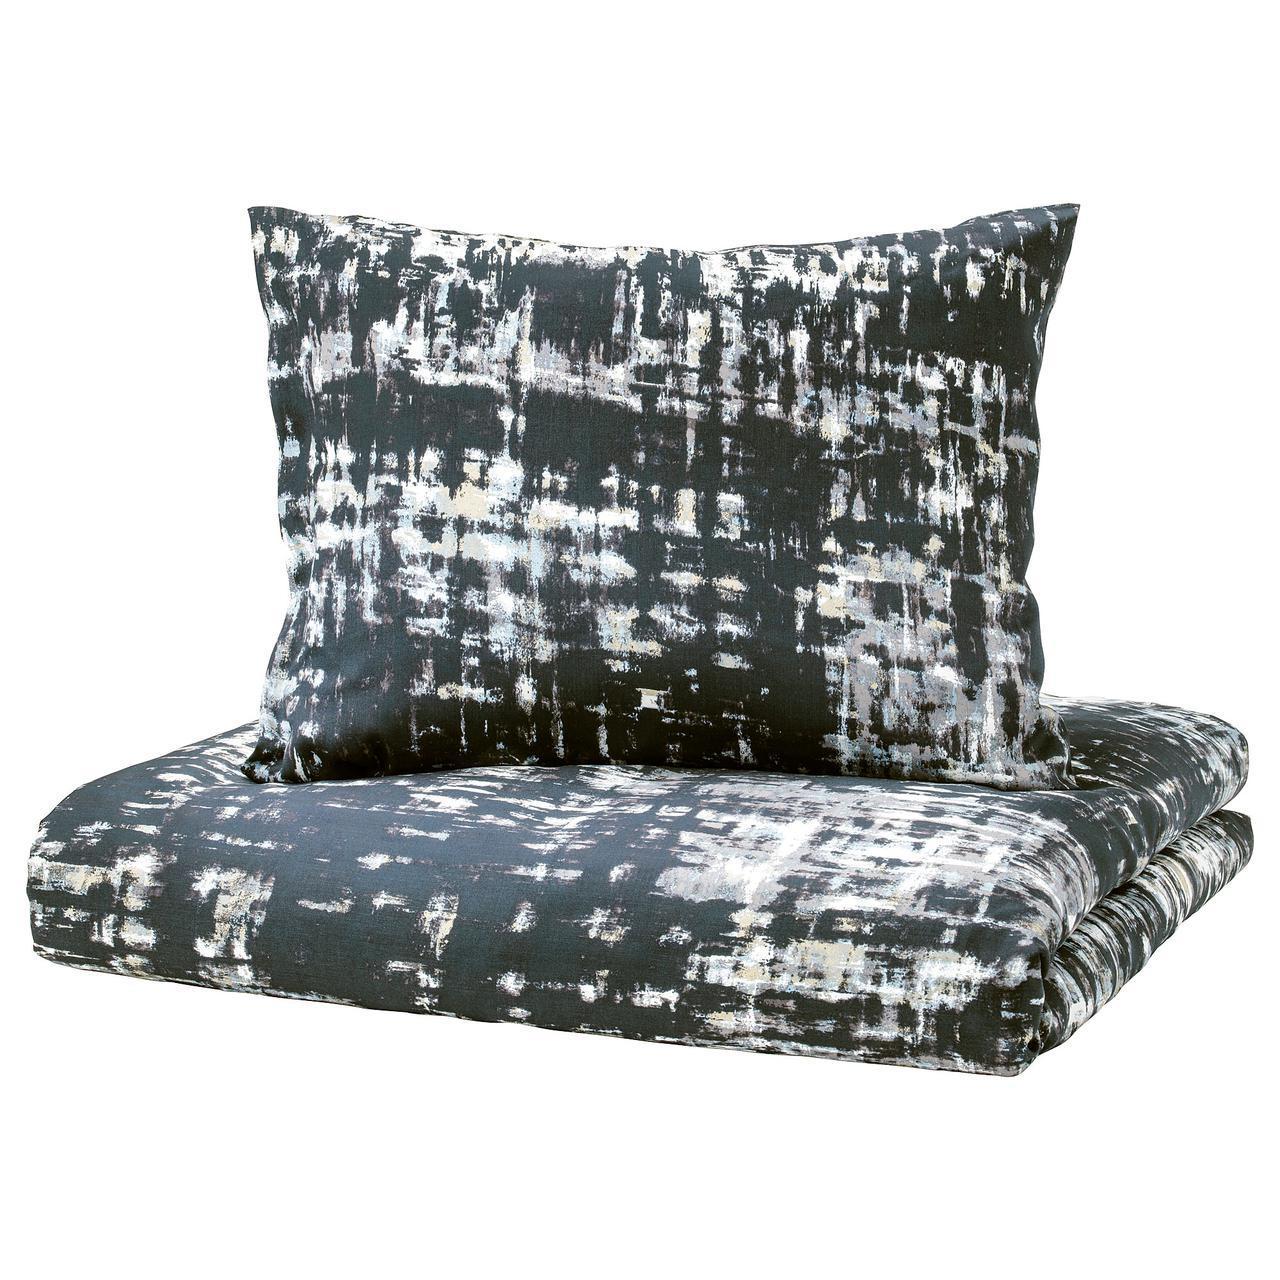 Комплект постельного белья IKEA SKOGSLÖNN 150х200 см разноцветная текстура 503.375.37